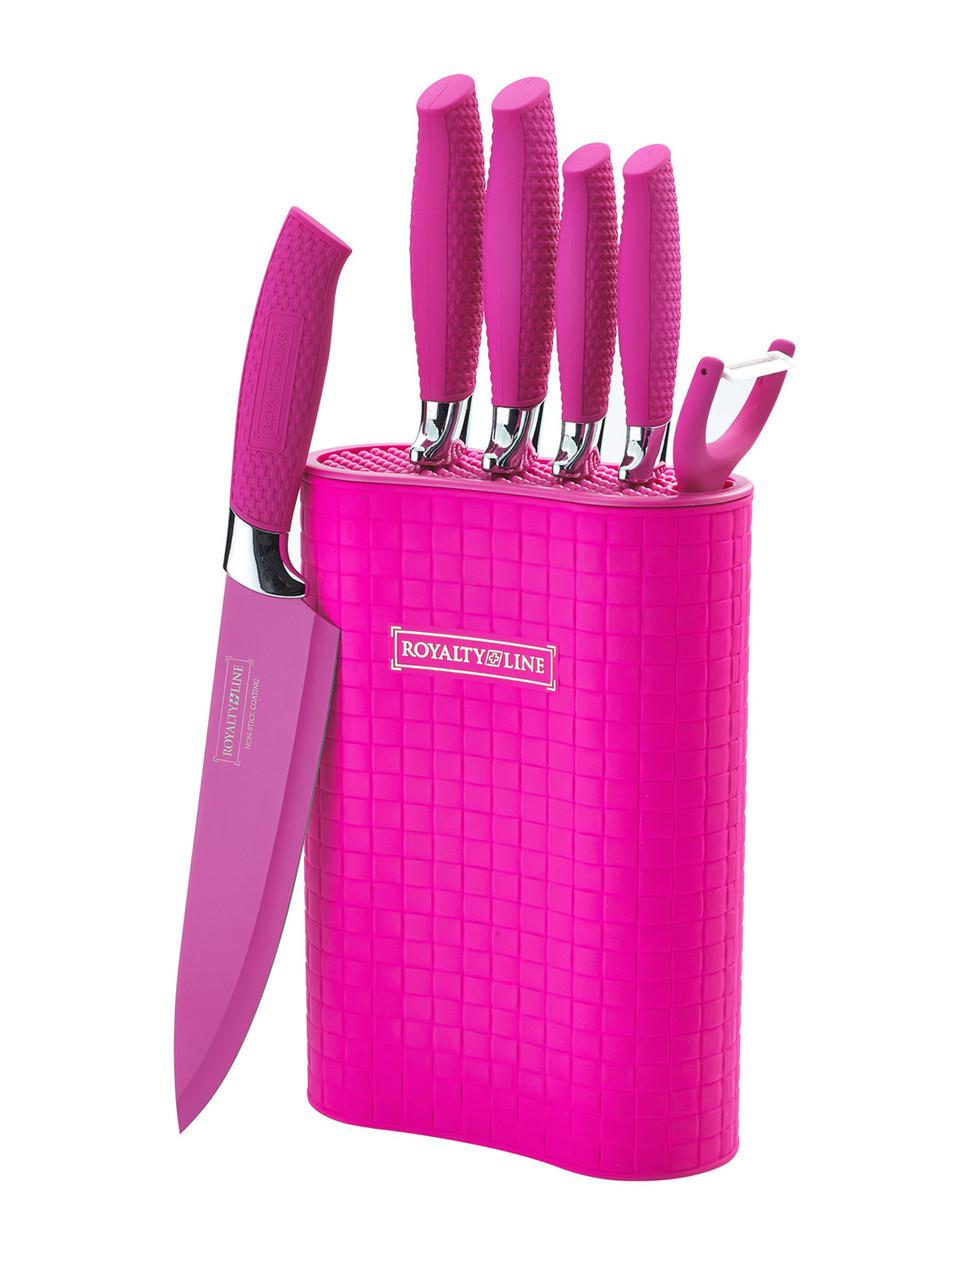 Стильний рожевий набір ножів Royalty Line RL-6MSTR 6pcs якісний набір для кухні